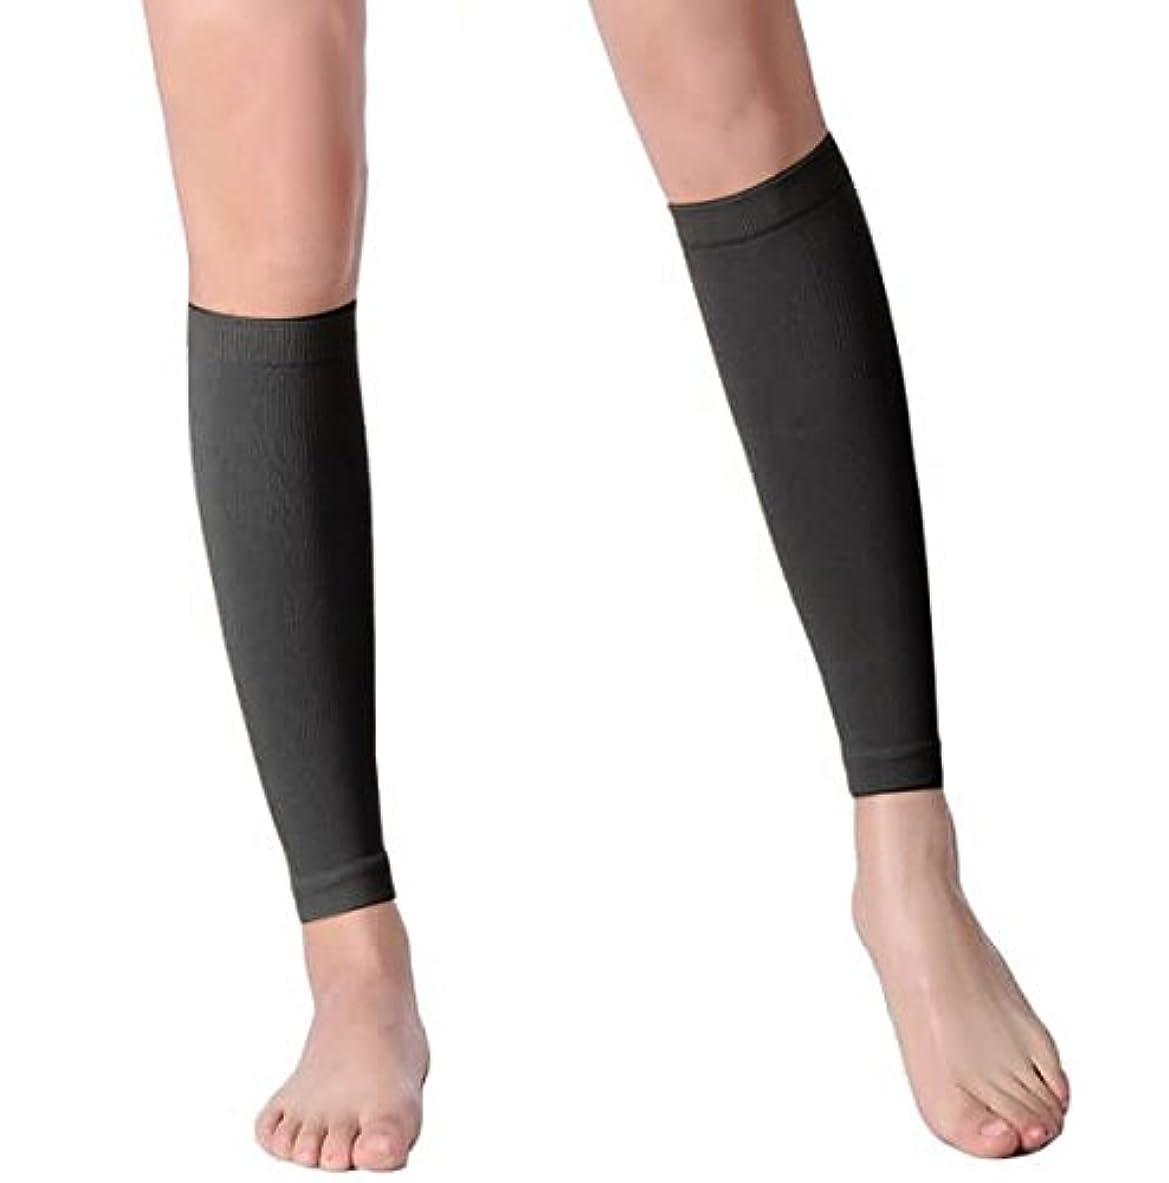 強いますクロニクル成長【エコノミー症候群予防】男性用 着圧ソックス ショート (XL, ブラック)